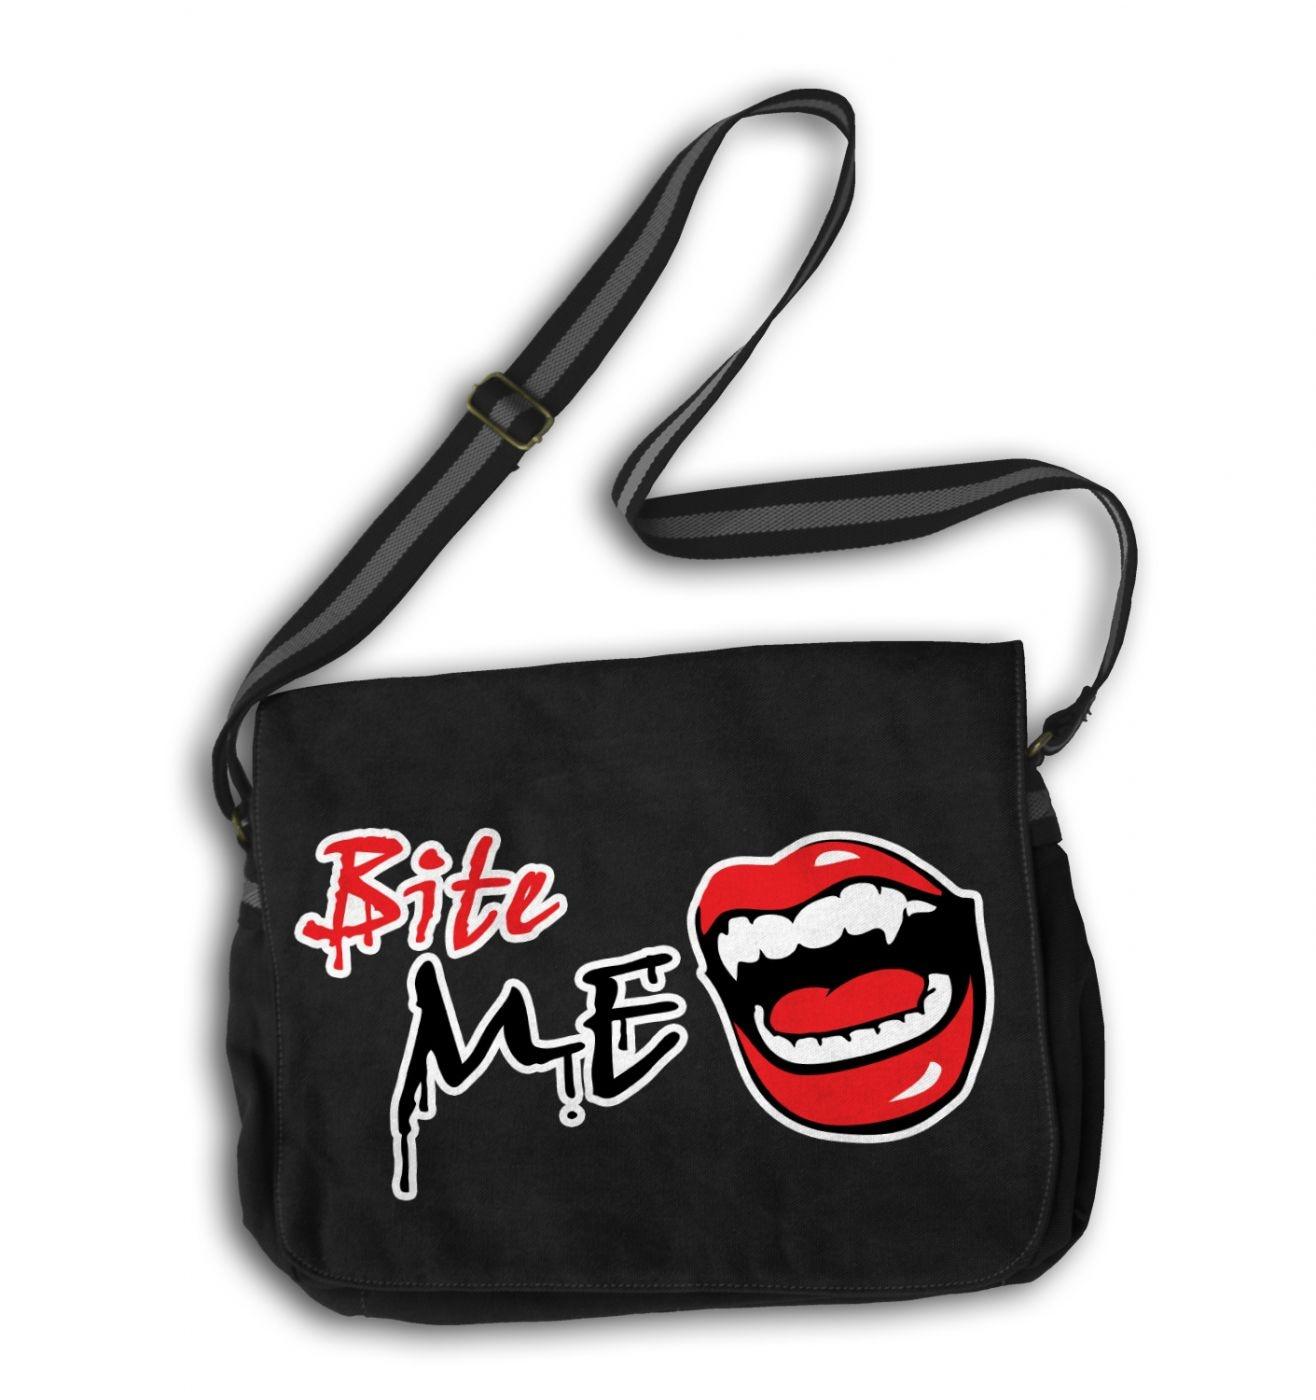 Bite Me messenger bag - vampire school bag